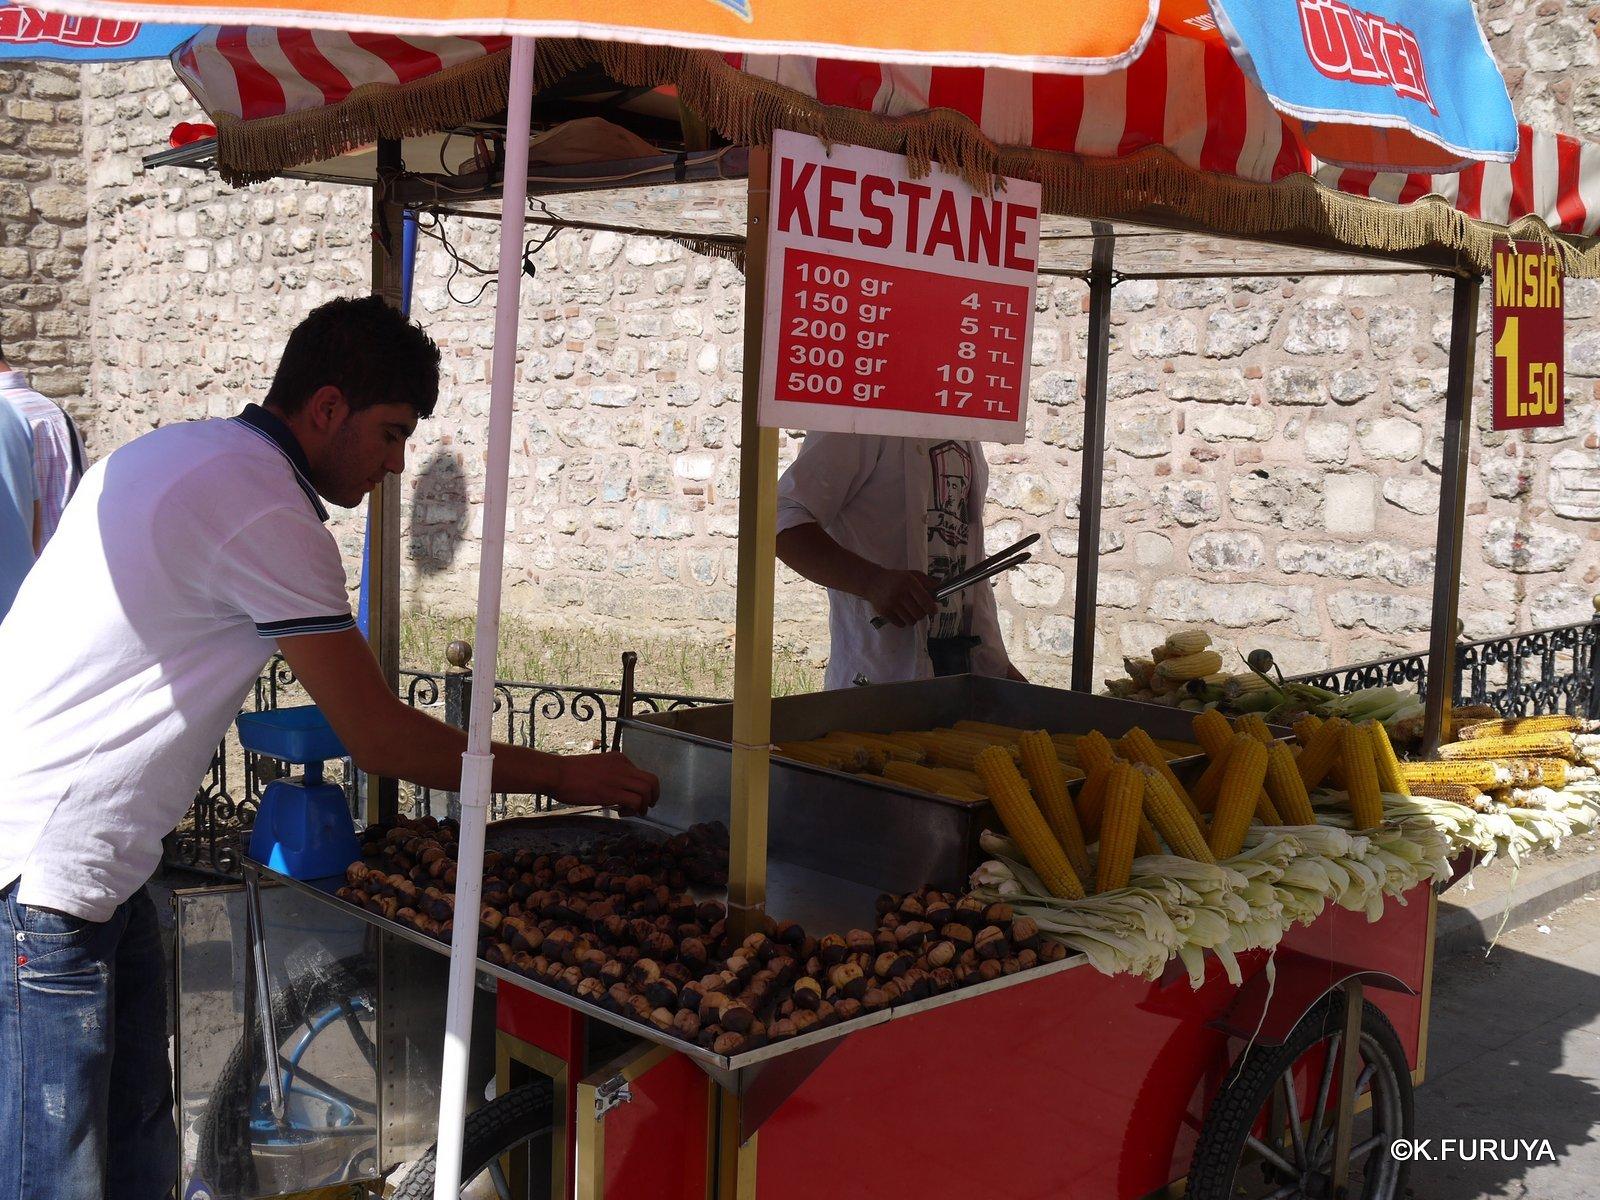 トルコ旅行記 37 イスタンブール旧市街その1_a0092659_18464134.jpg